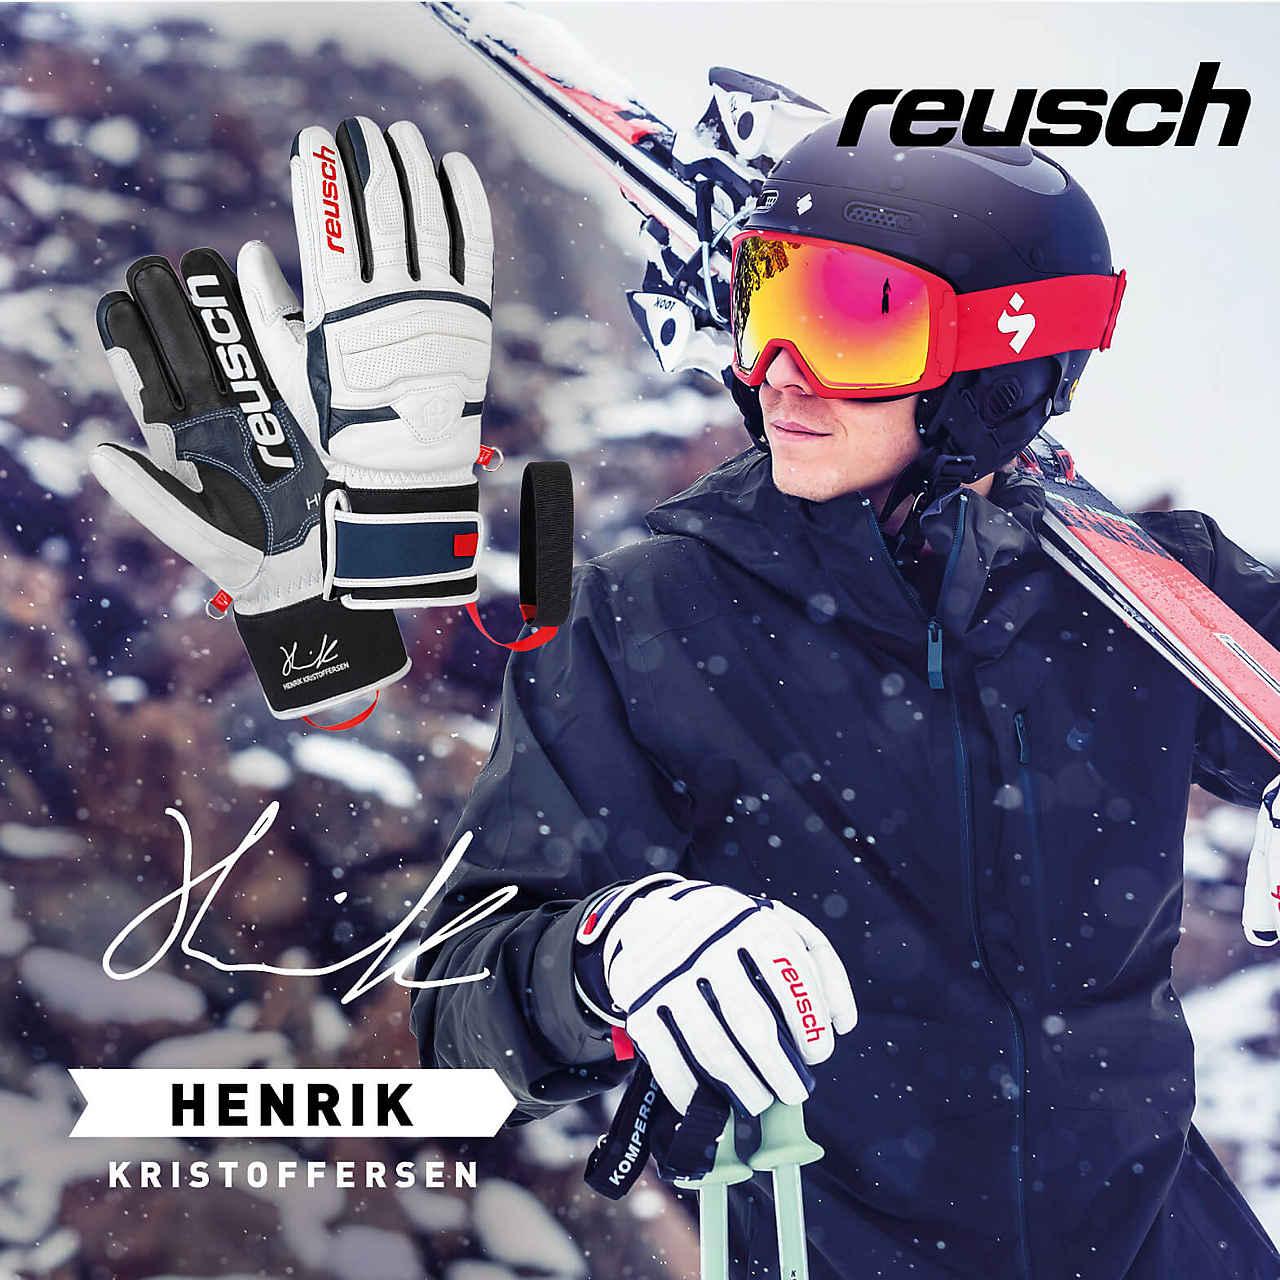 ochsner-sport-reusch-signature-line-kristoffersen_2020